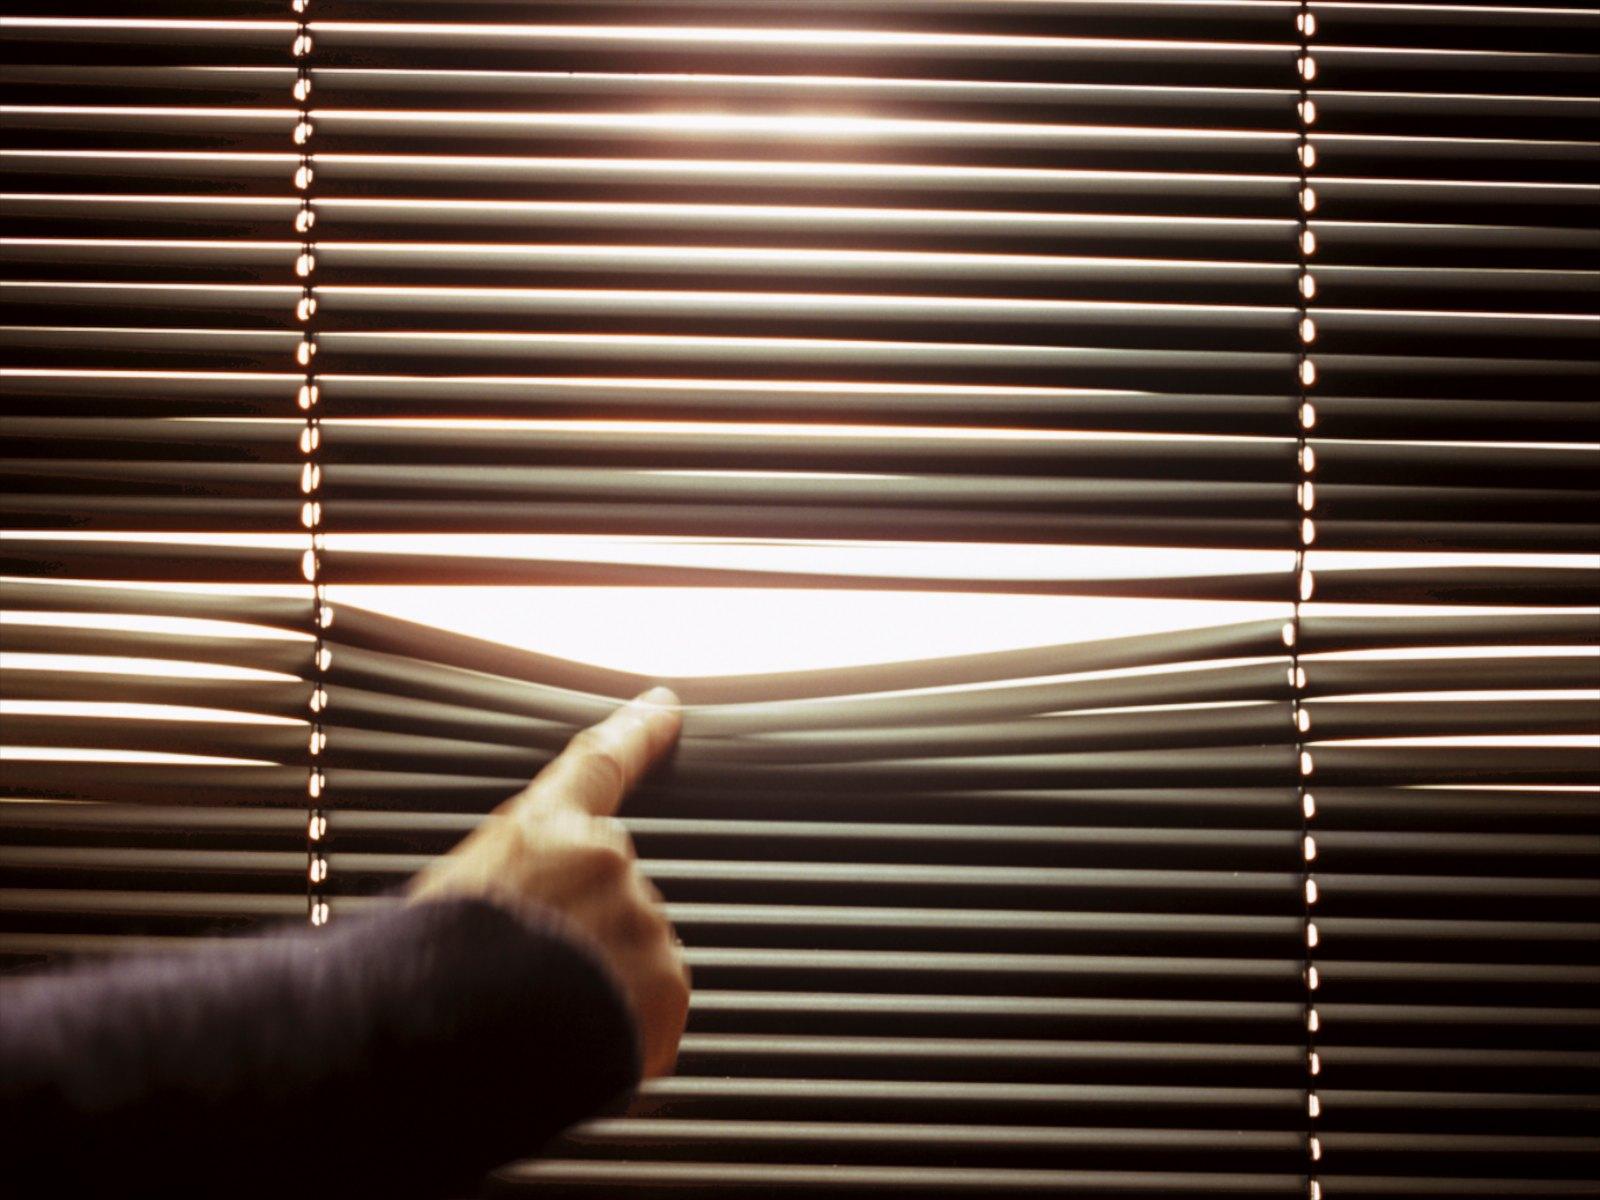 Still from Light, 2012, 35mm film loop, 1'30'', digitally projected